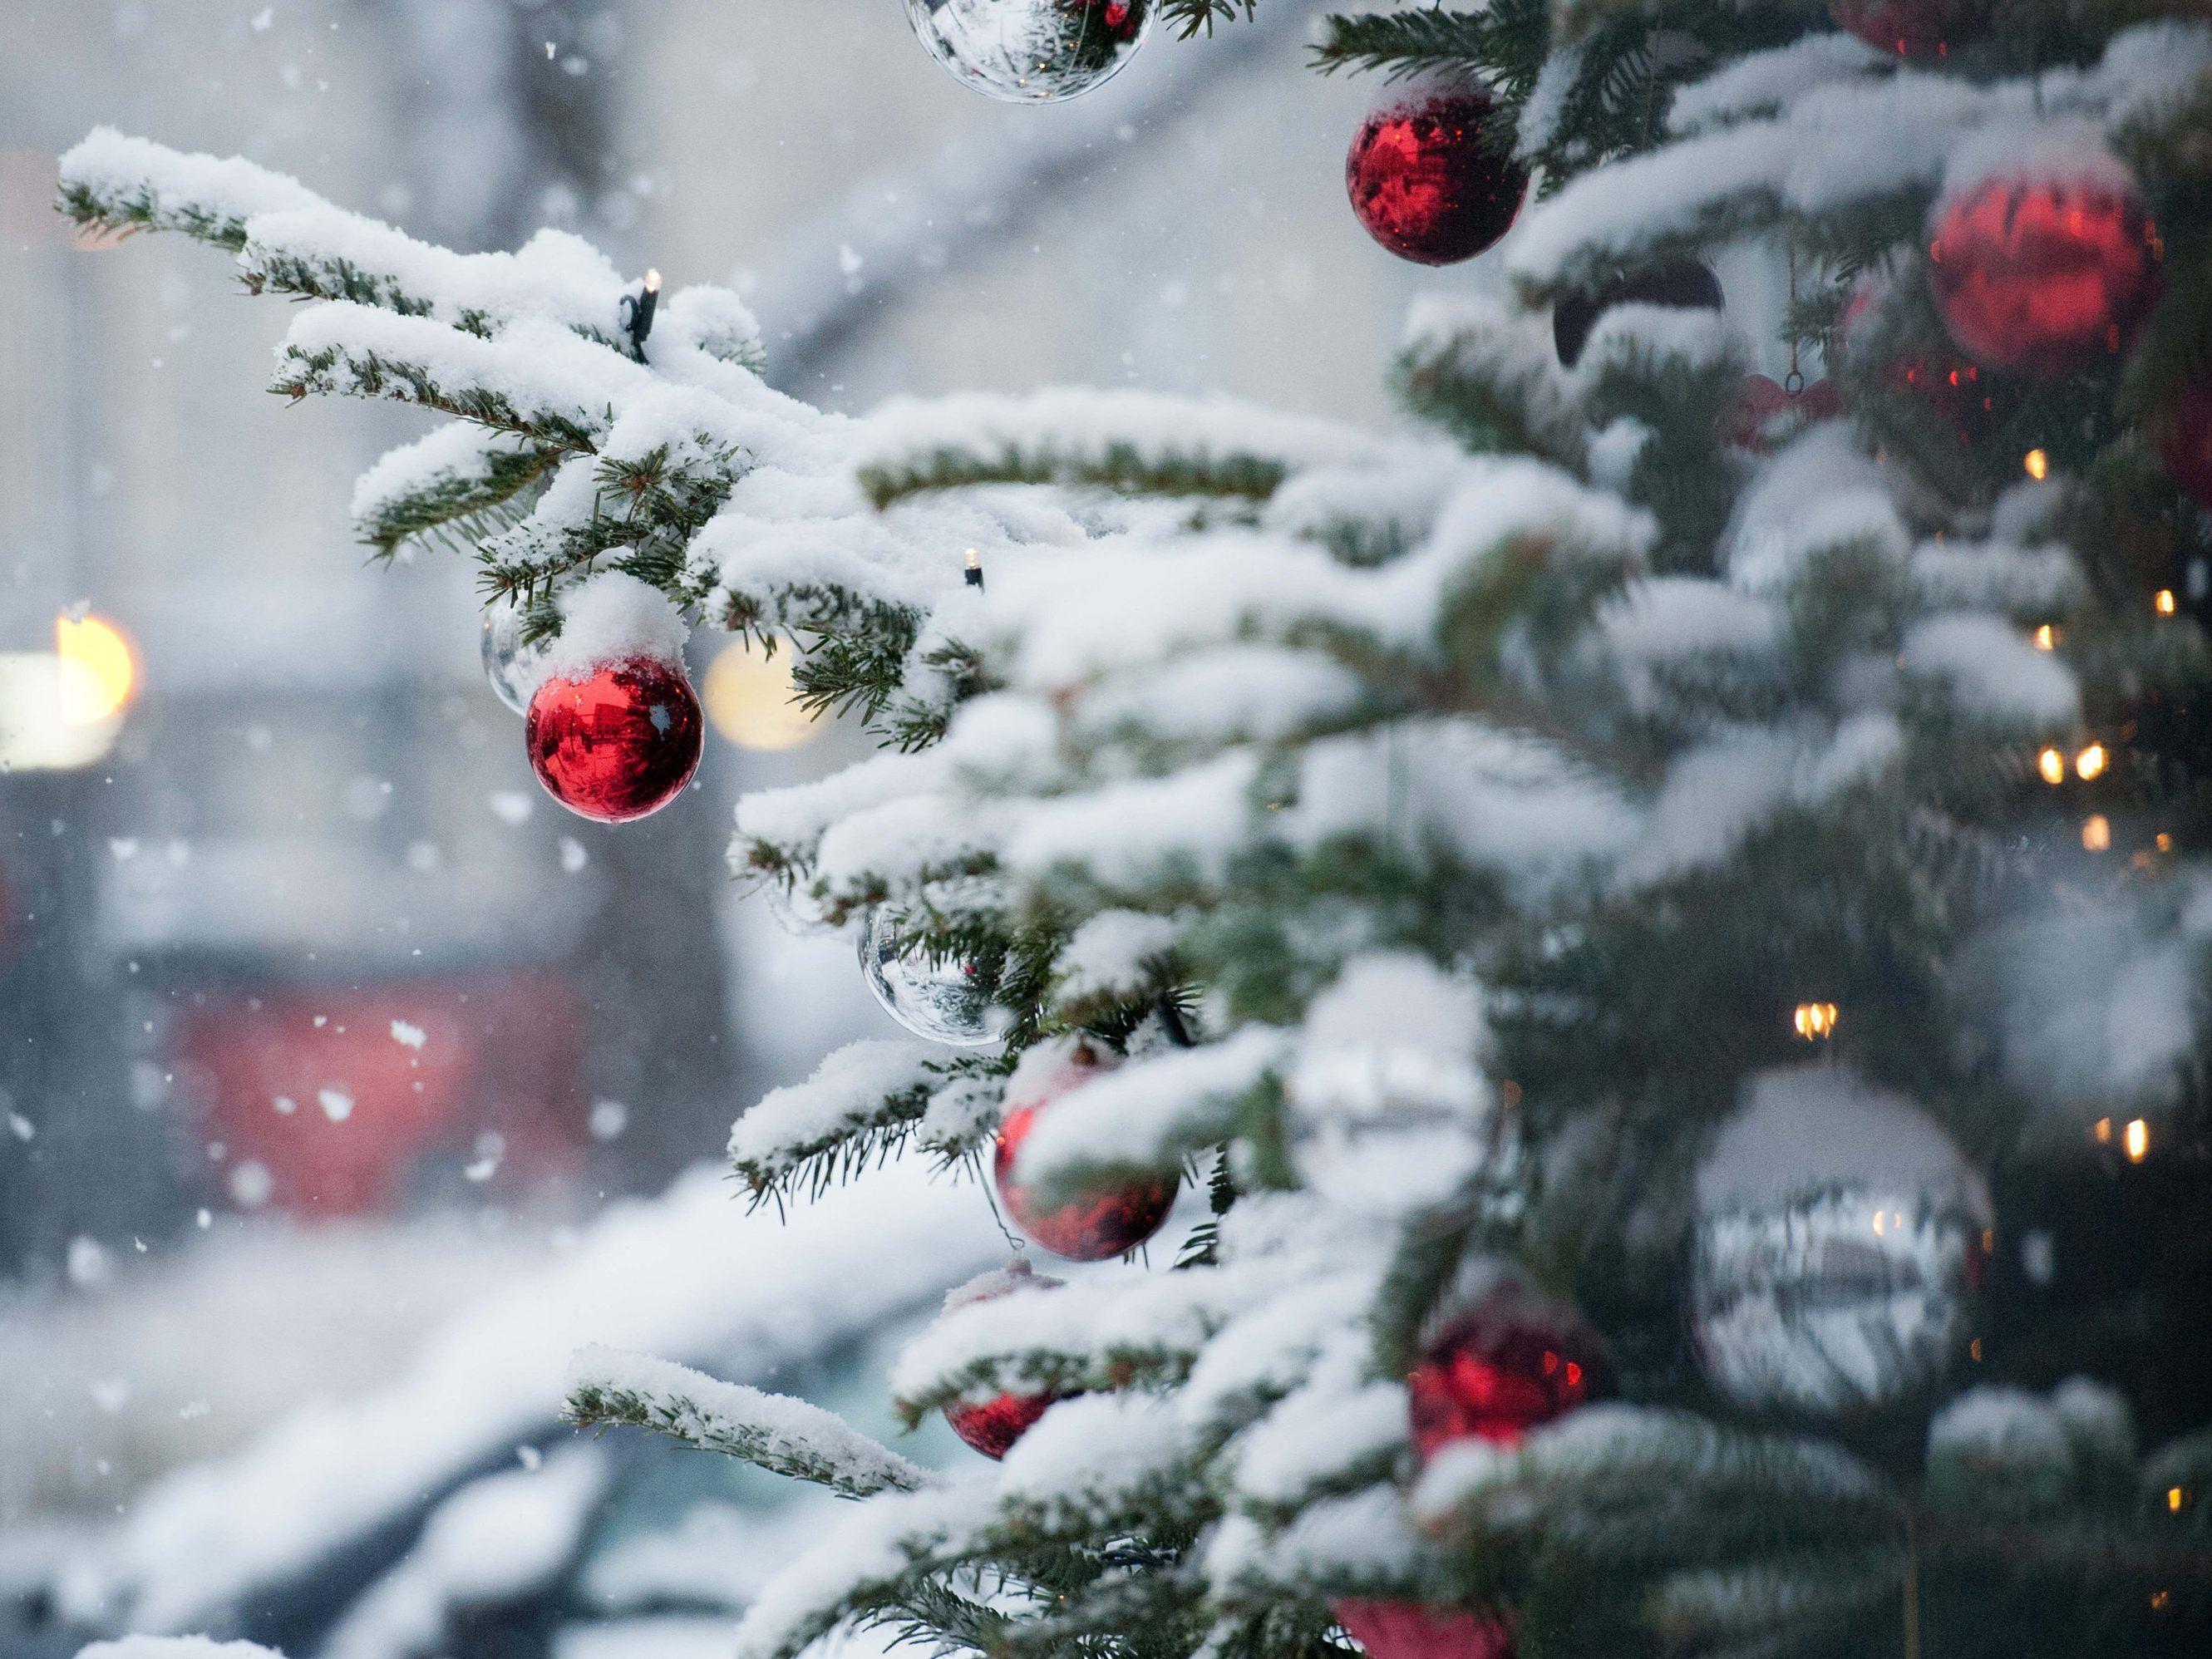 wei e weihnachten 2018 wie stehen die chancen auf schnee sterreich vienna at. Black Bedroom Furniture Sets. Home Design Ideas